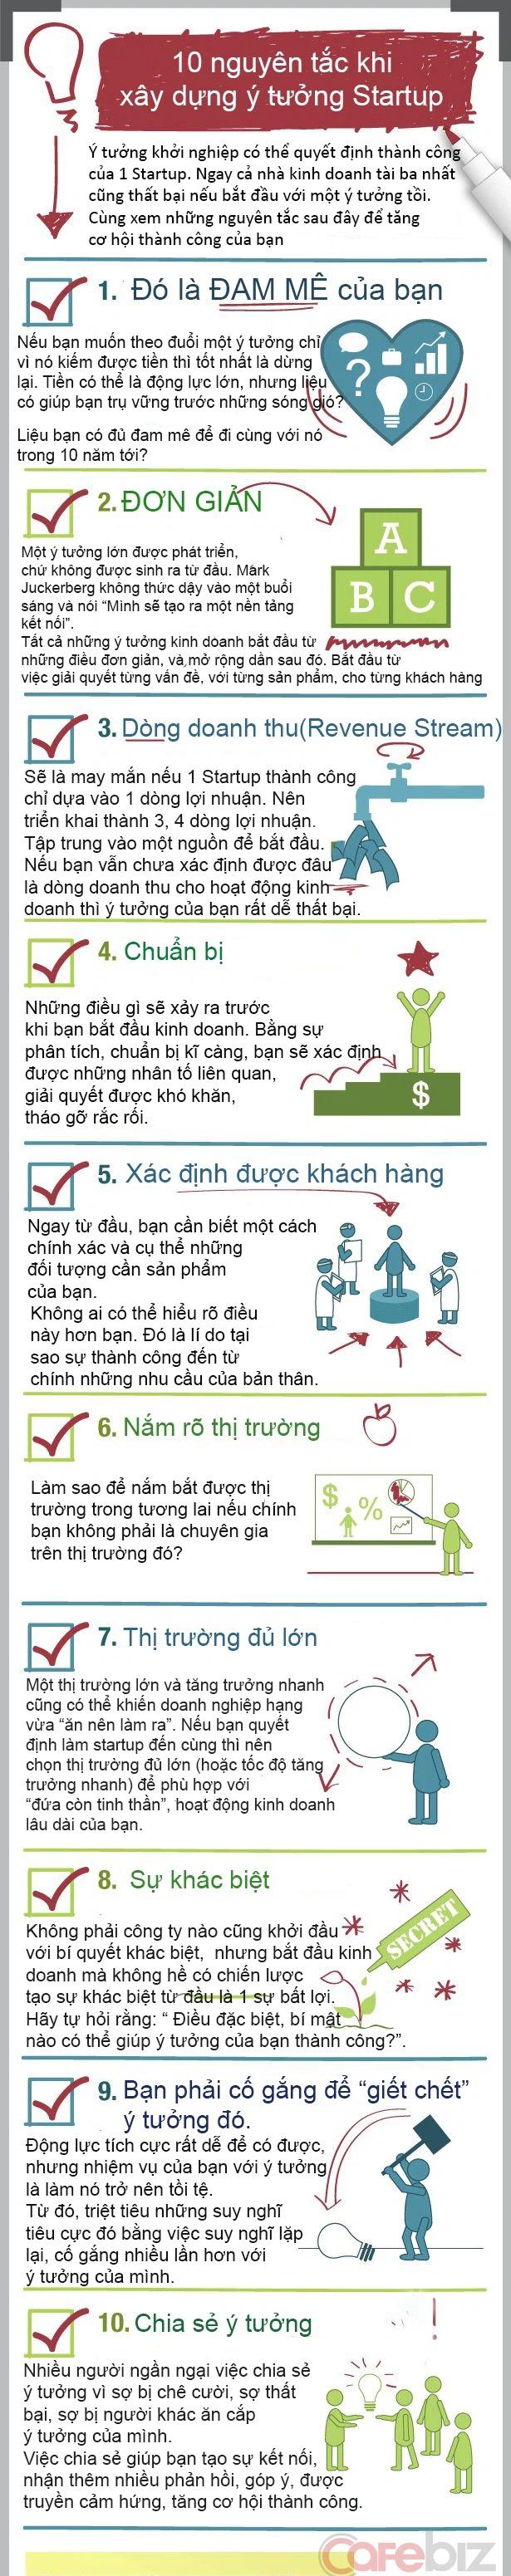 infographic-10-nguyen-tac-khi-xa